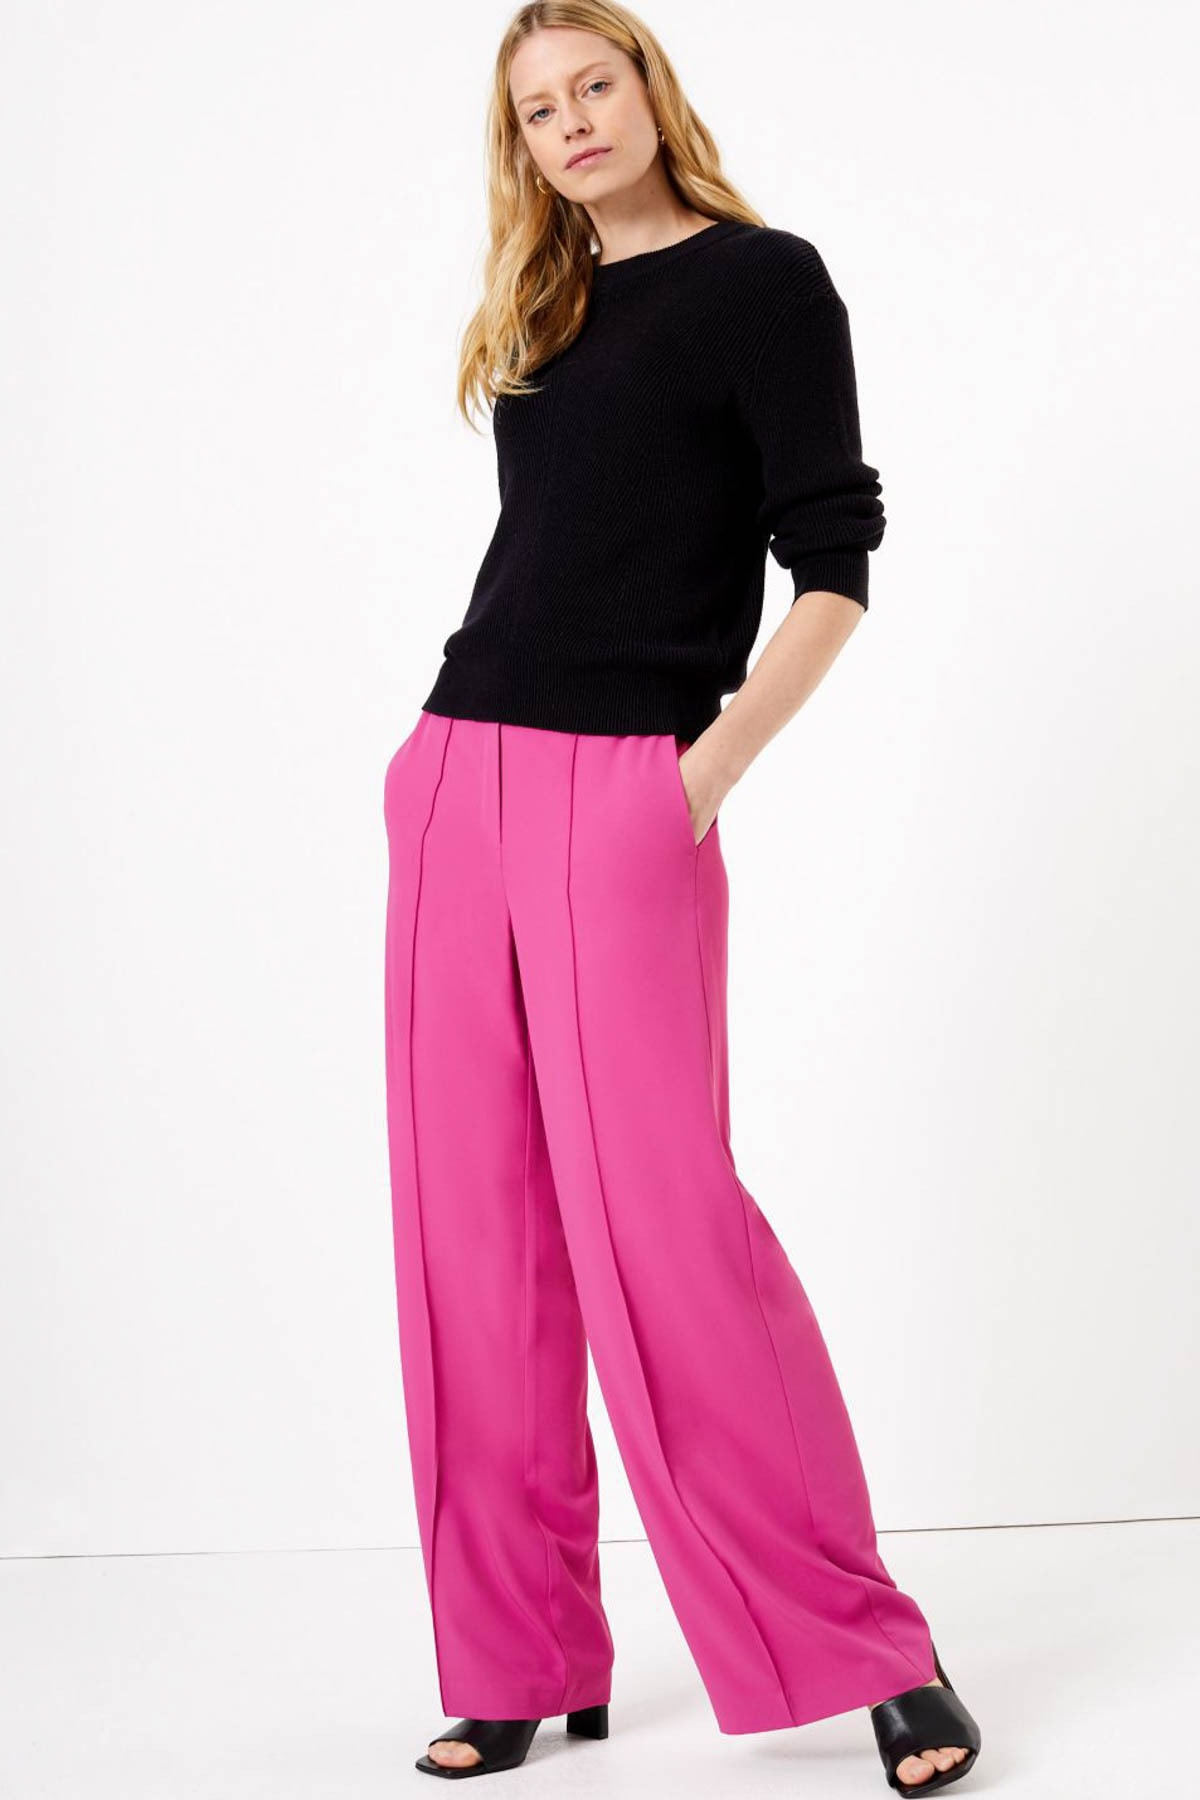 Marks & Spencer Kadın Mor Bağcıklı Wide Leg Pantolon T59006462 1